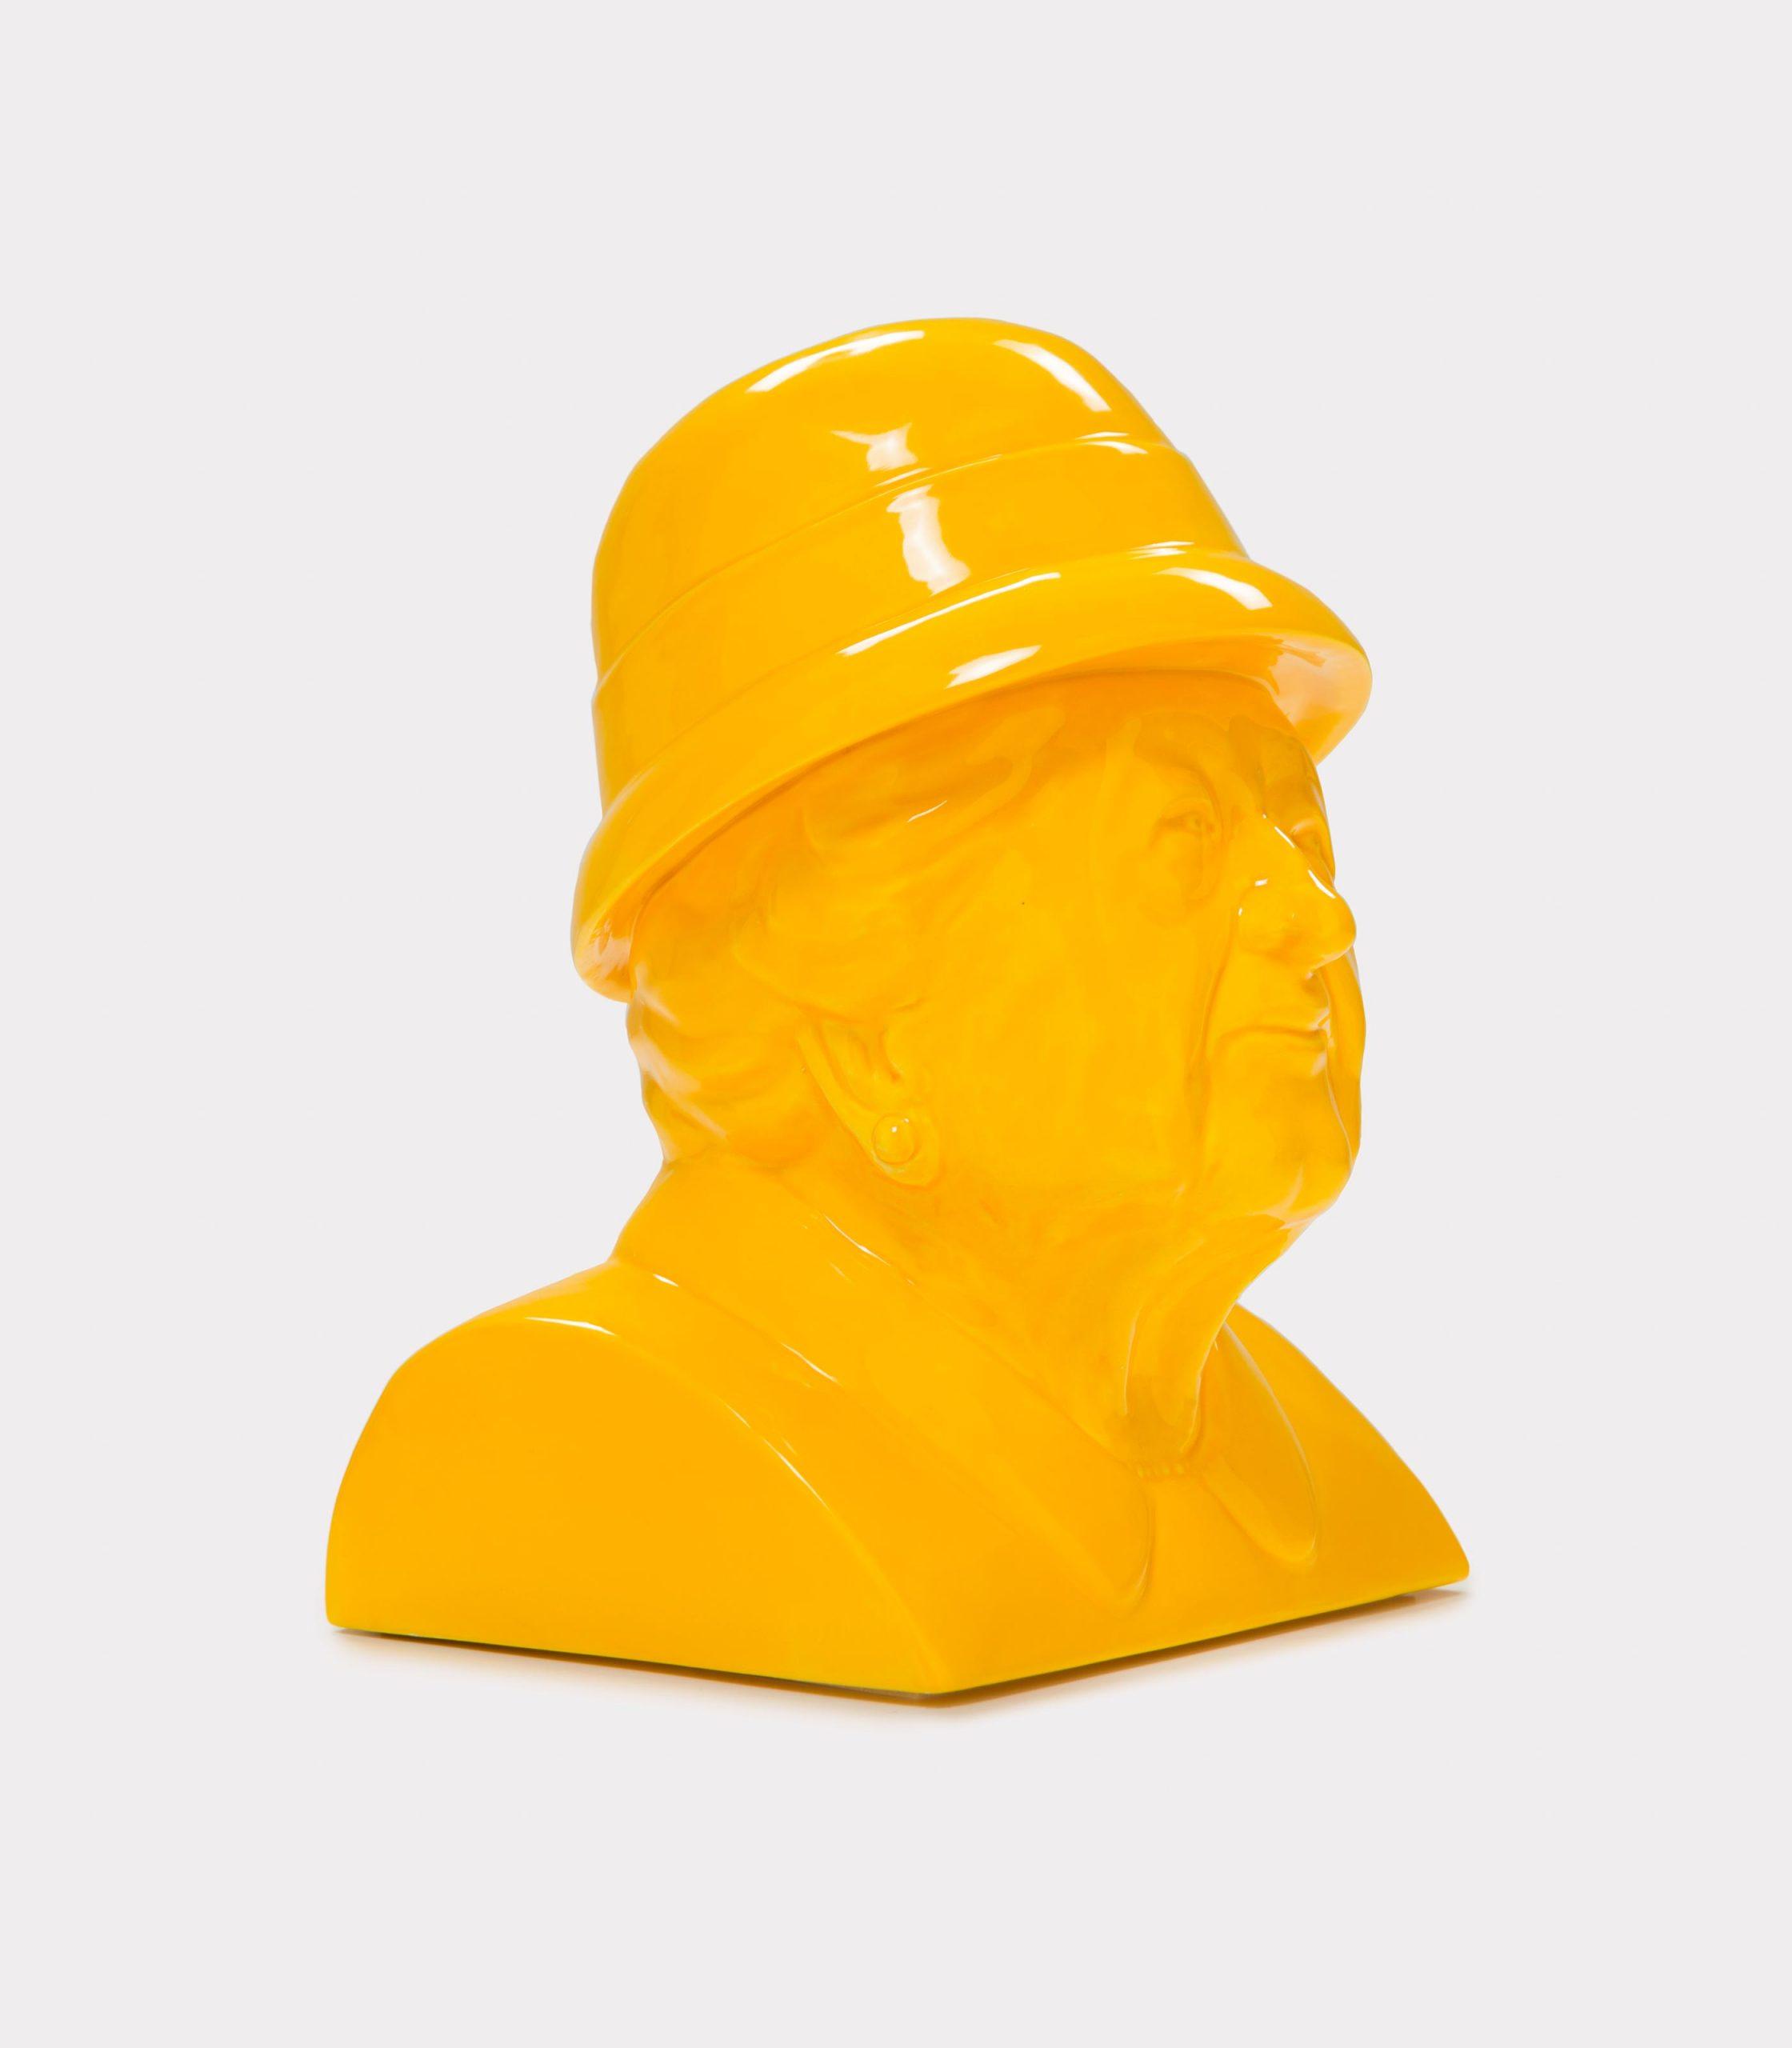 La Gisella giallo loopo milano design FD